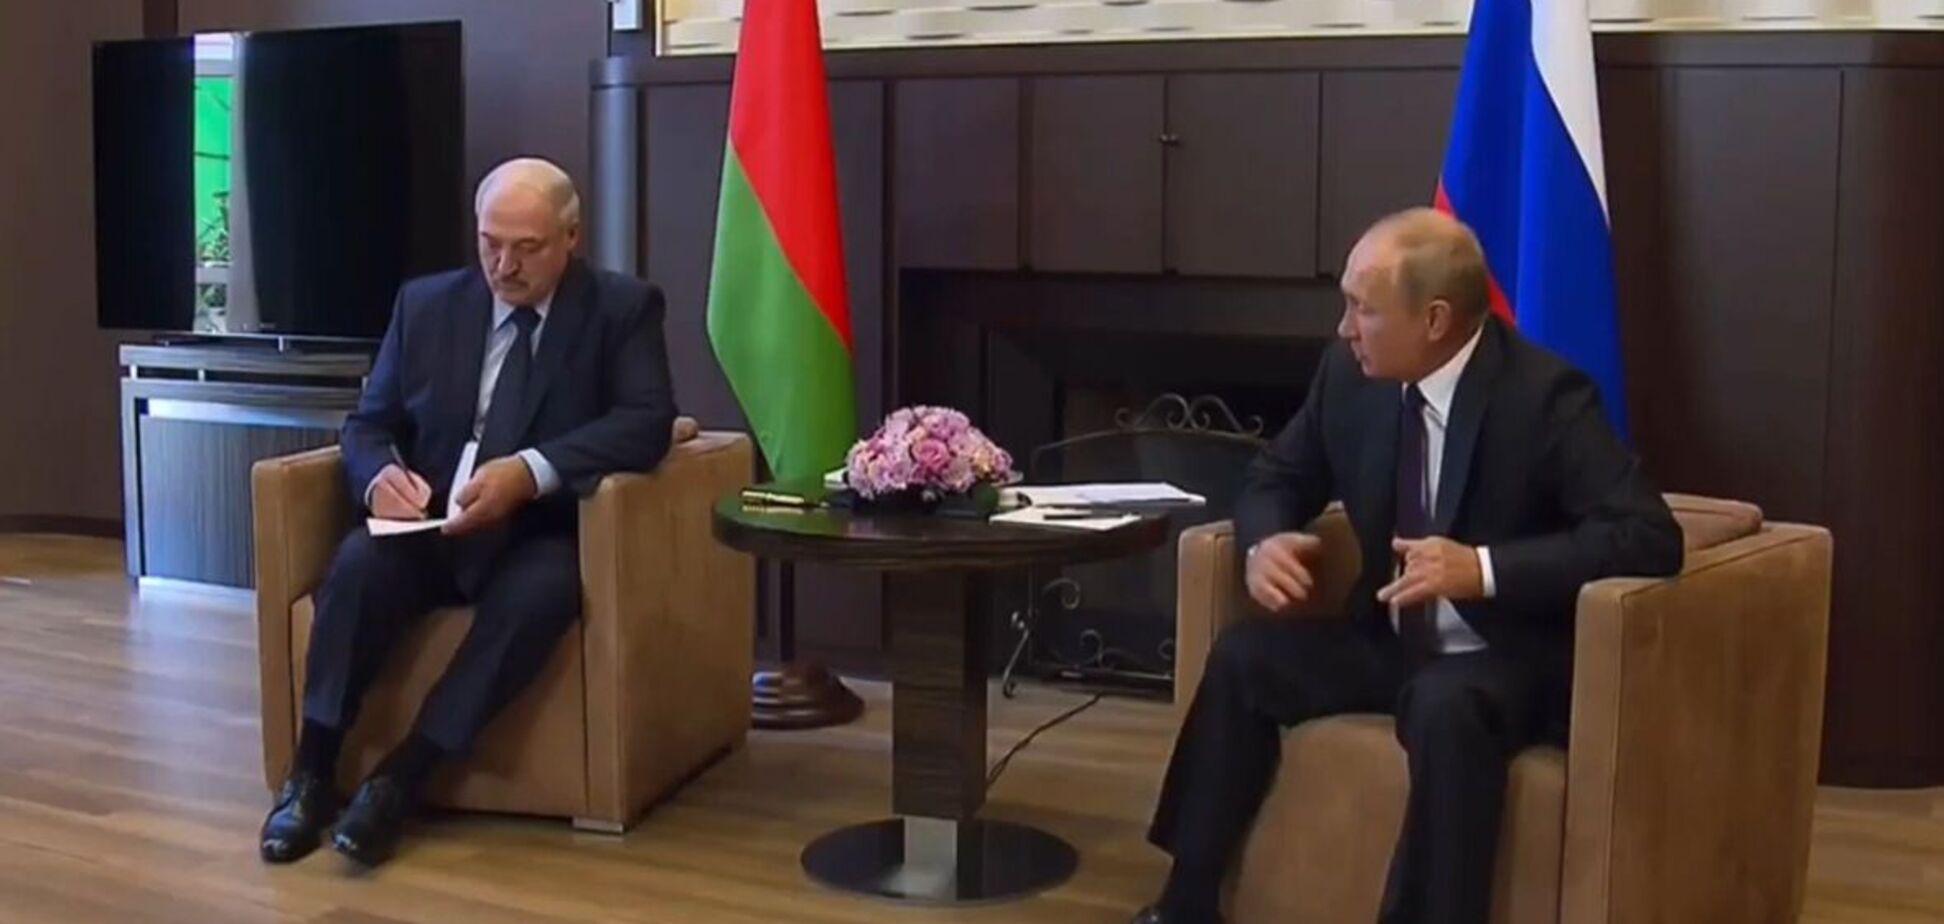 Встреча Путина с Лукашенко: следите за ногами